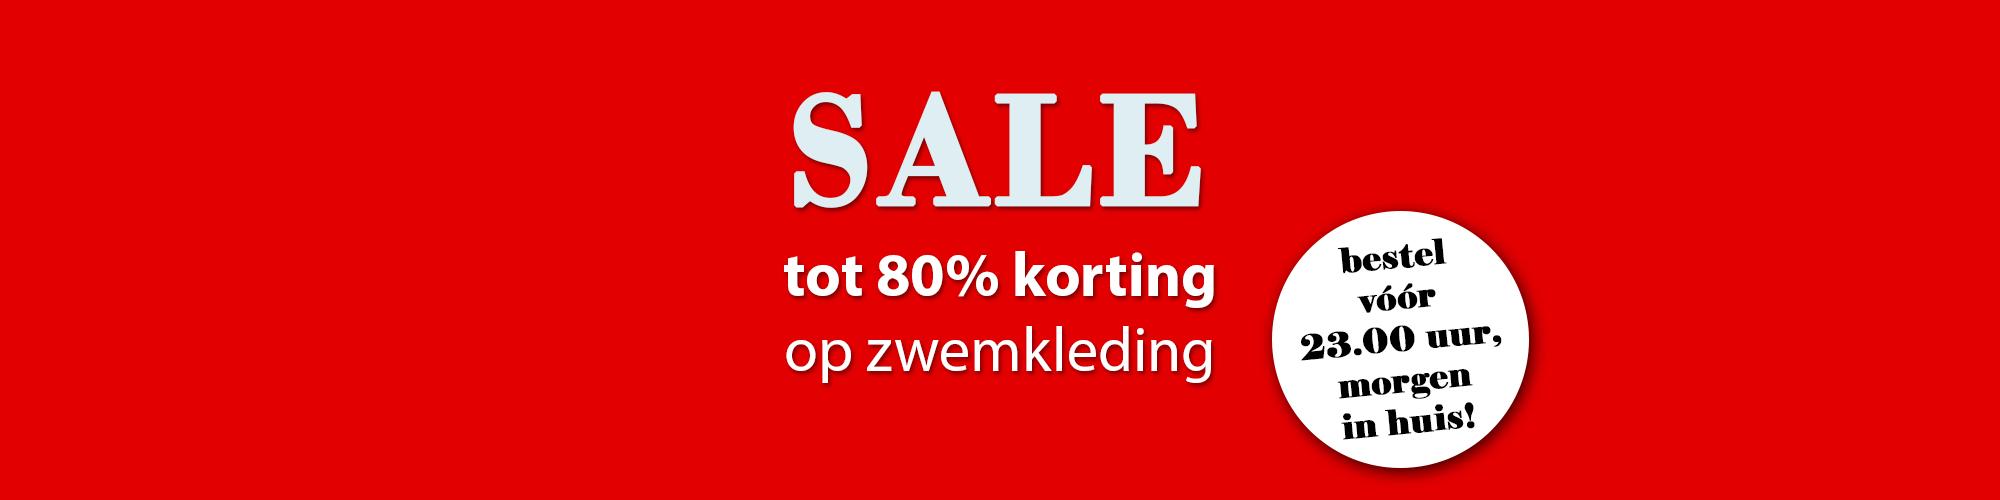 De zwemkleding specialist van Nederland & België banner 1